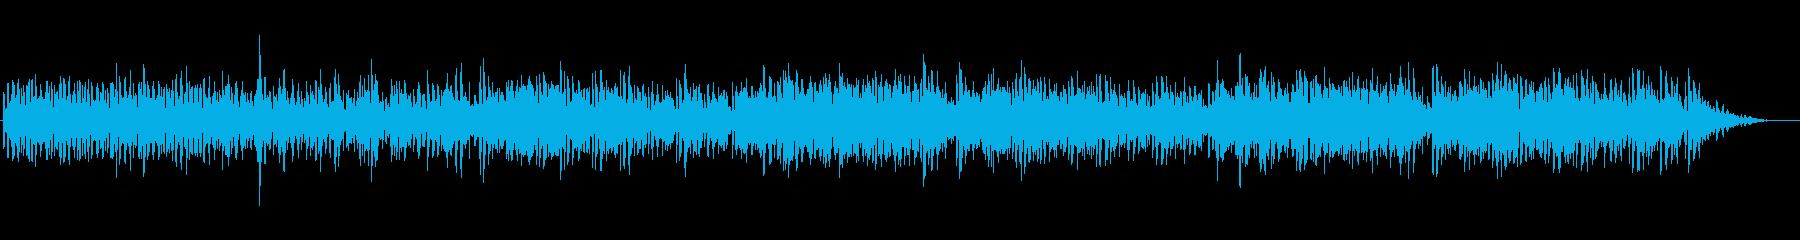 爽やかなアコースティックサウンドの再生済みの波形